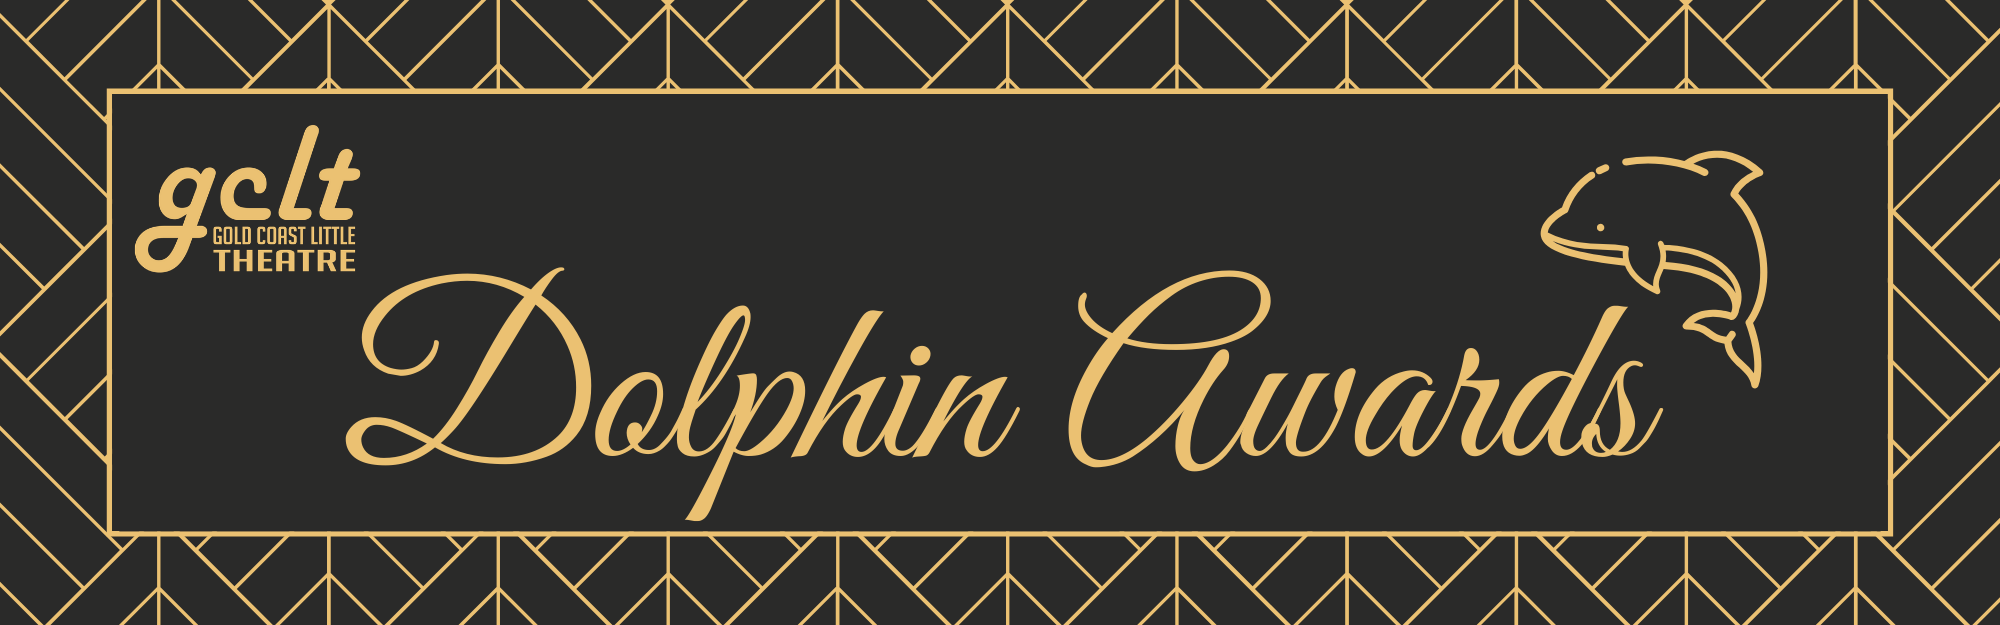 Dolphin Awards web